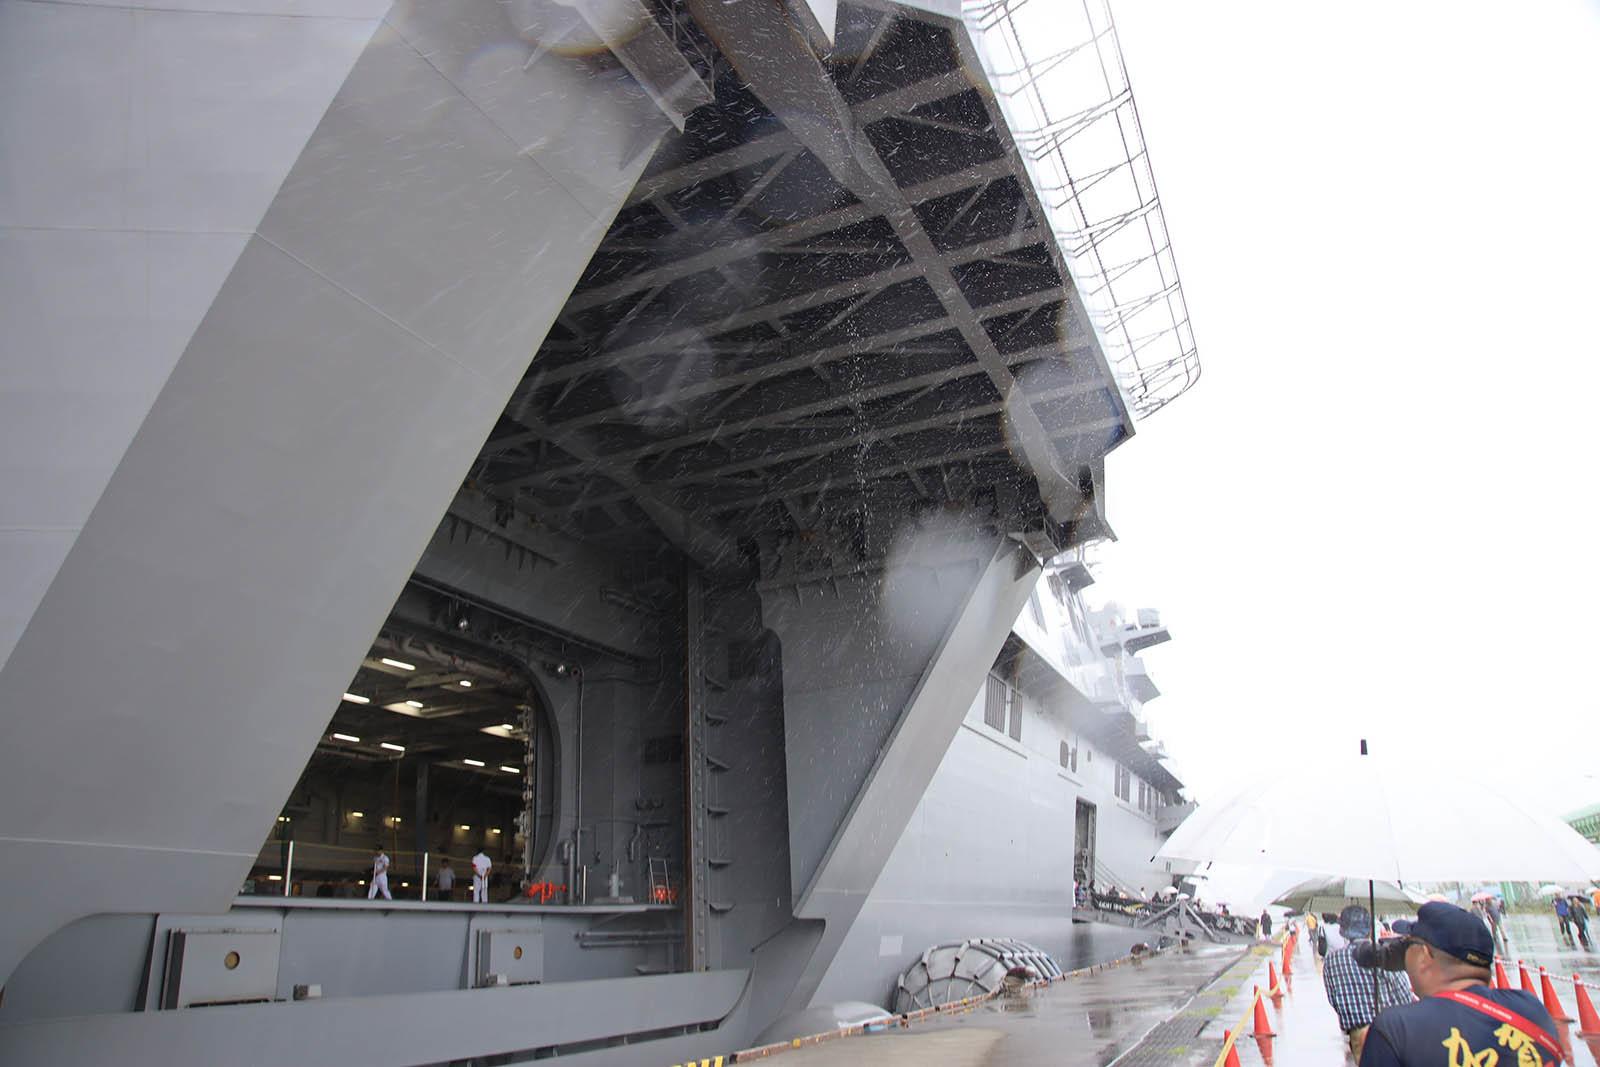 JMSDF DDH-184「かが」 in 小樽港 02_b0315809_21221651.jpg